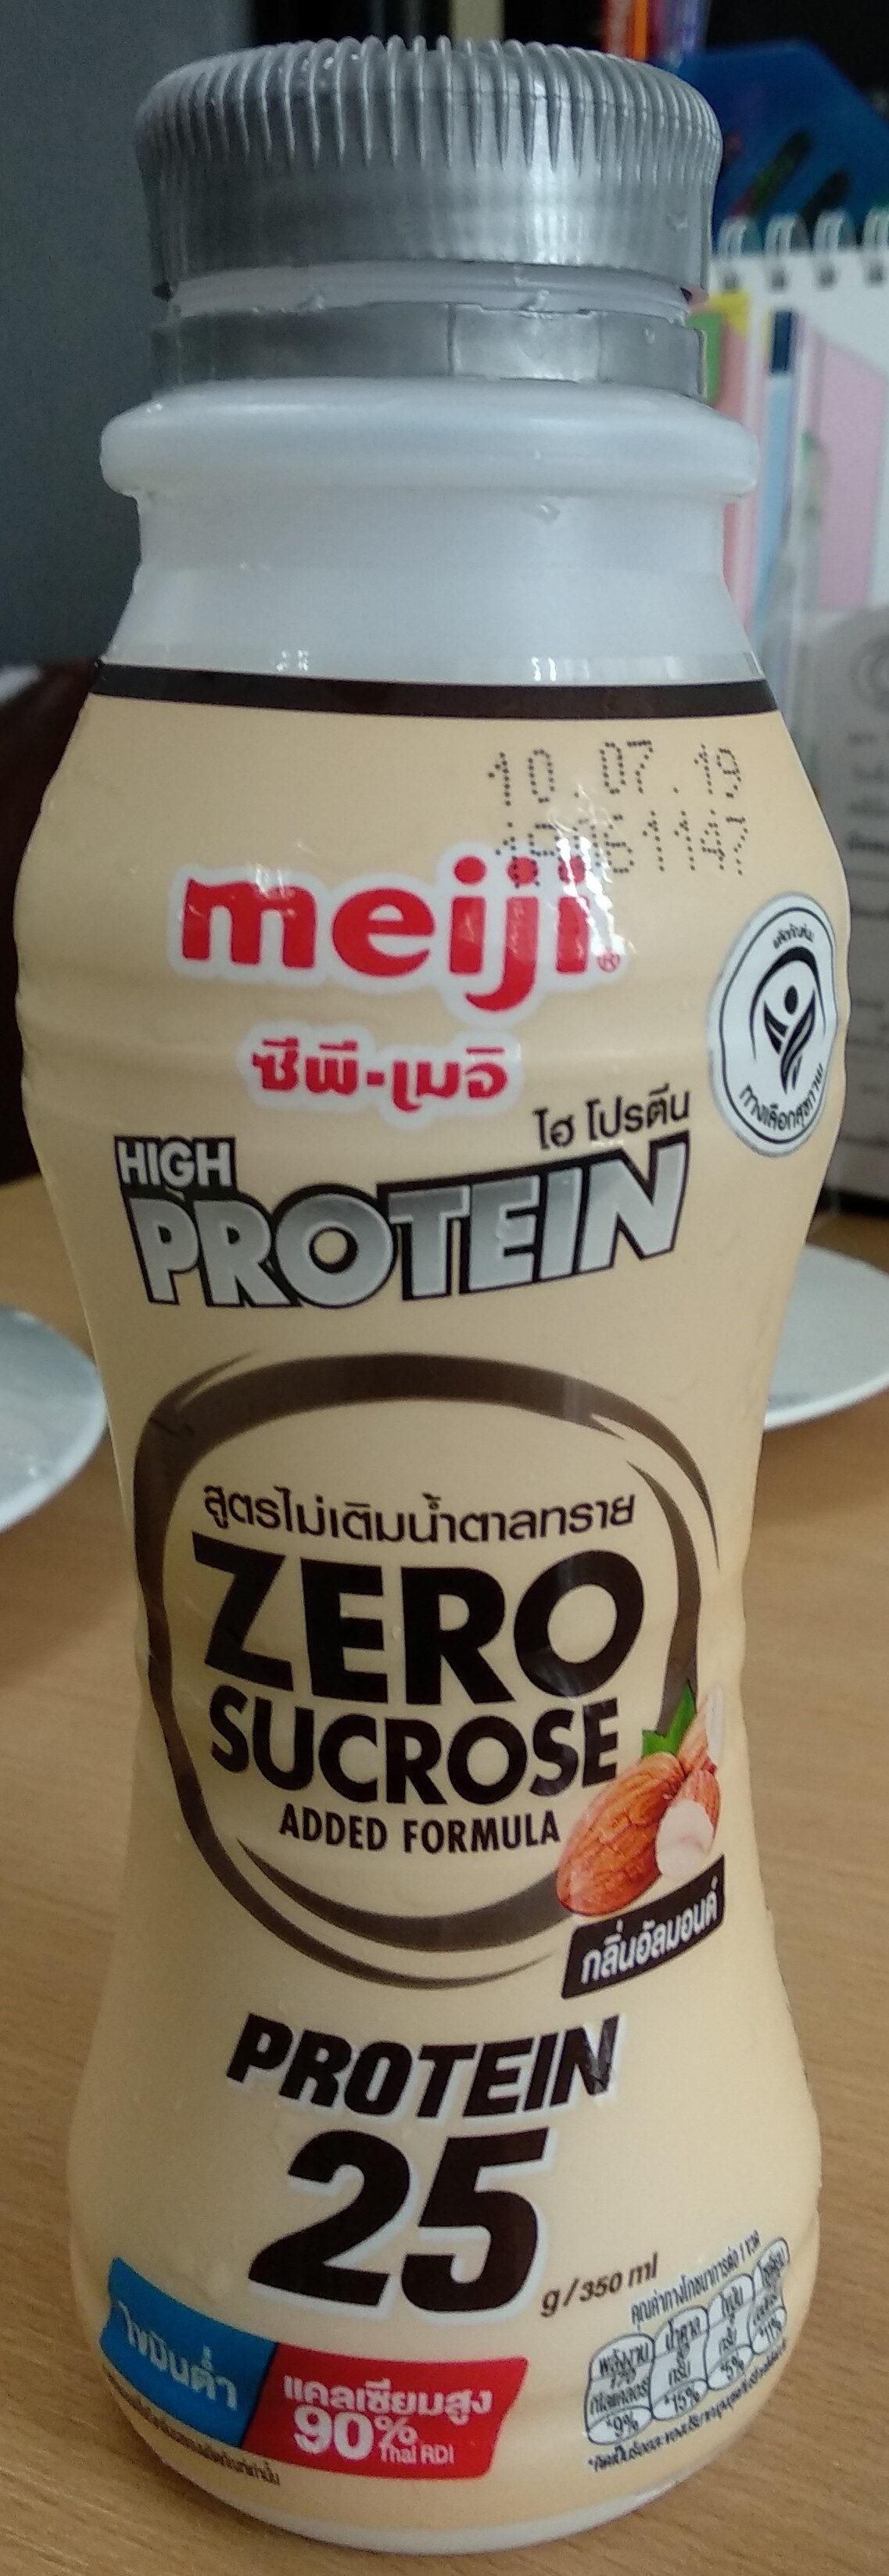 เมจิไฮโปรตีน สูตรไม่เติมน้ำตาลกลิ่นอัลมอนด์ - Produit - th